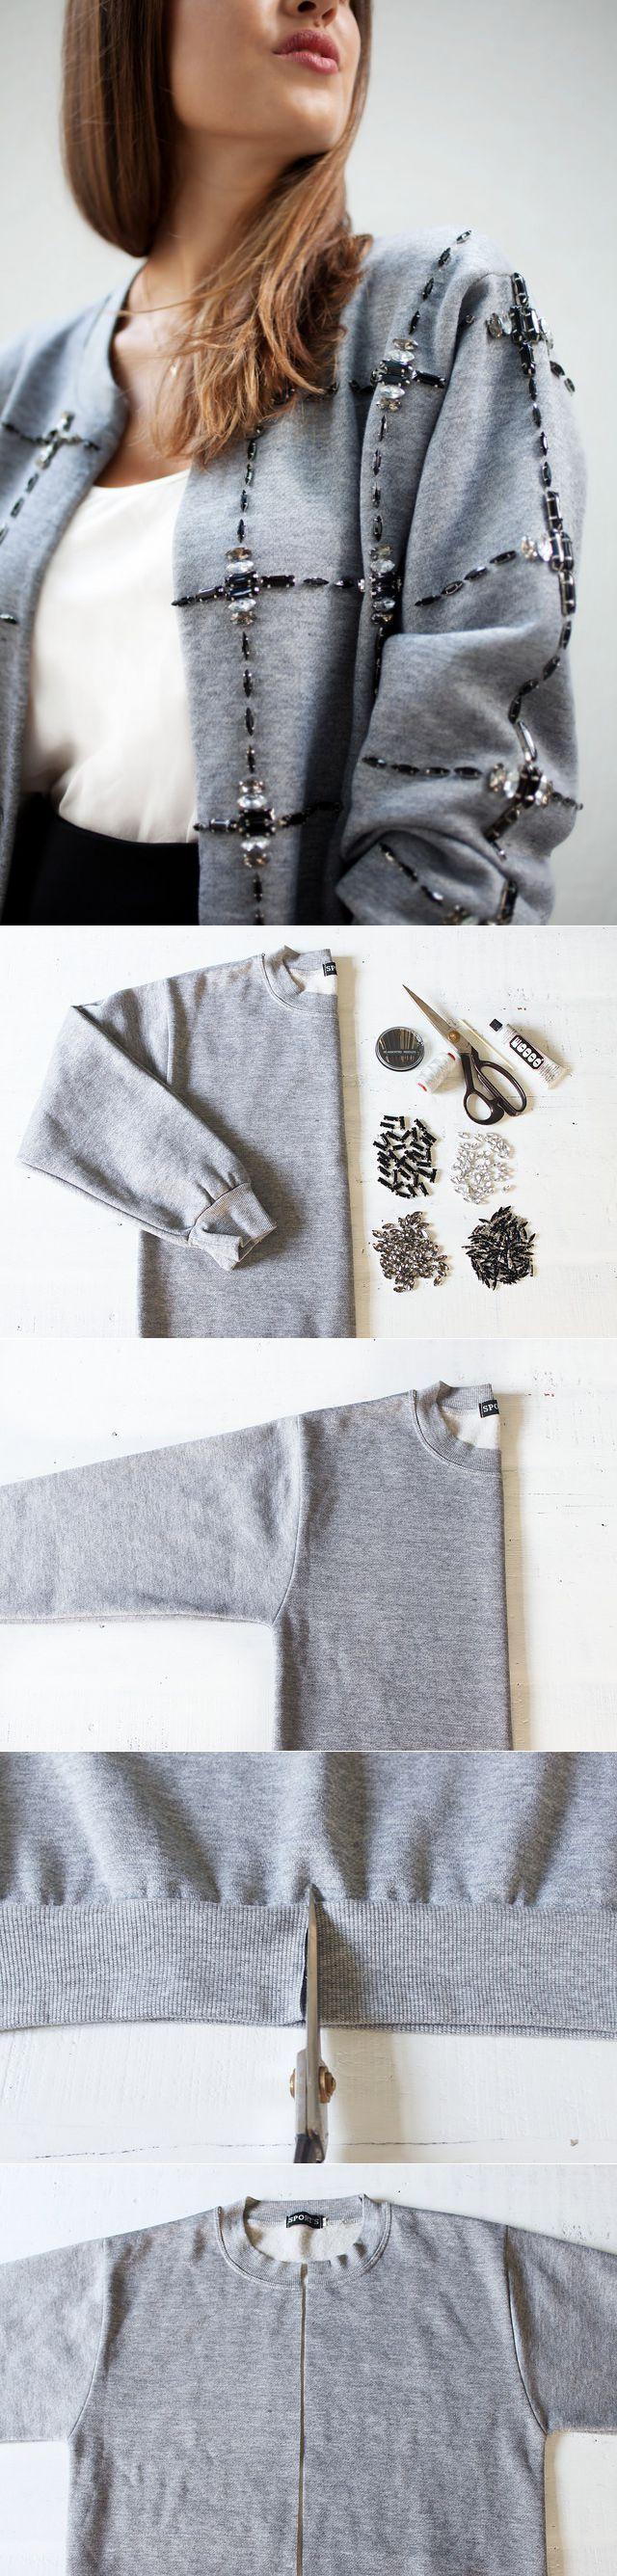 Nimm ein schlichtes altes Sweatshirt auf die nächste Ebene, ein Diamantauto …  #altes #diamantauto #ebene #nachste #schlichtes #sweatshirt – Kiersten Christopher